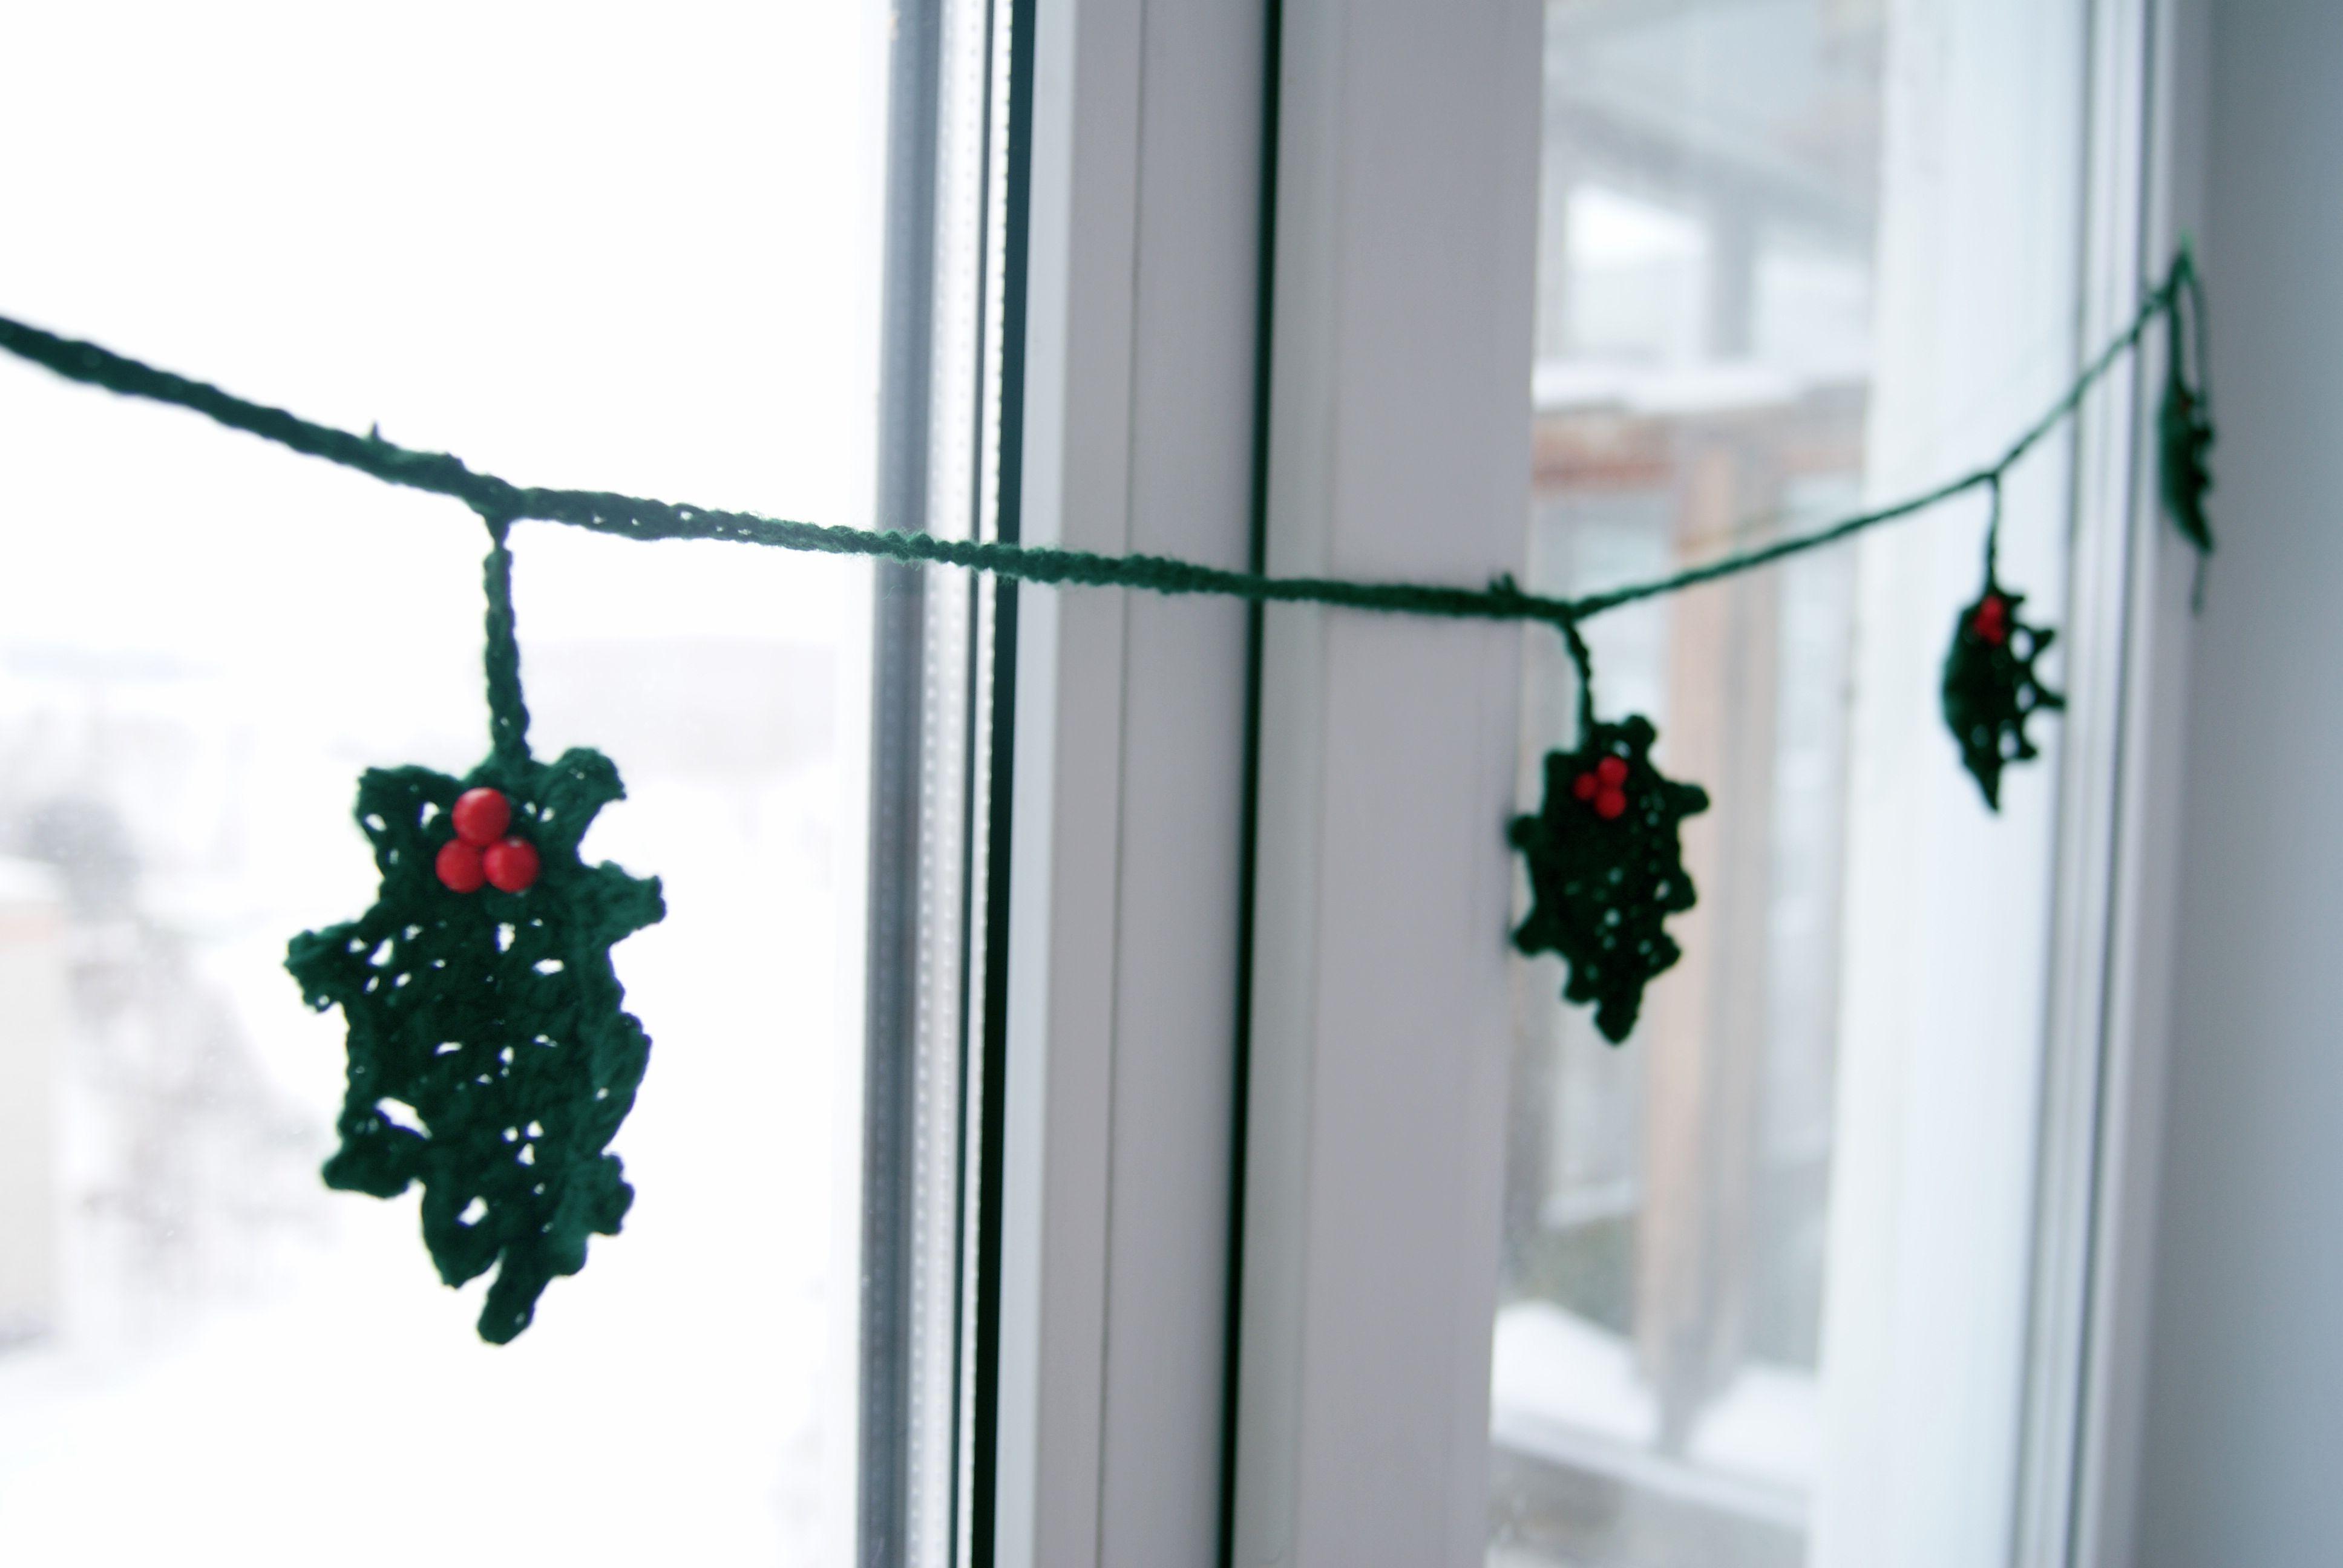 вяжутнетолькобабушки падуб вязаниеназаказ новогоднийдекор гирлянда зимнийдекор остролист вяжуназаказ декор вязание упаковка оформление новыйгод нг зима